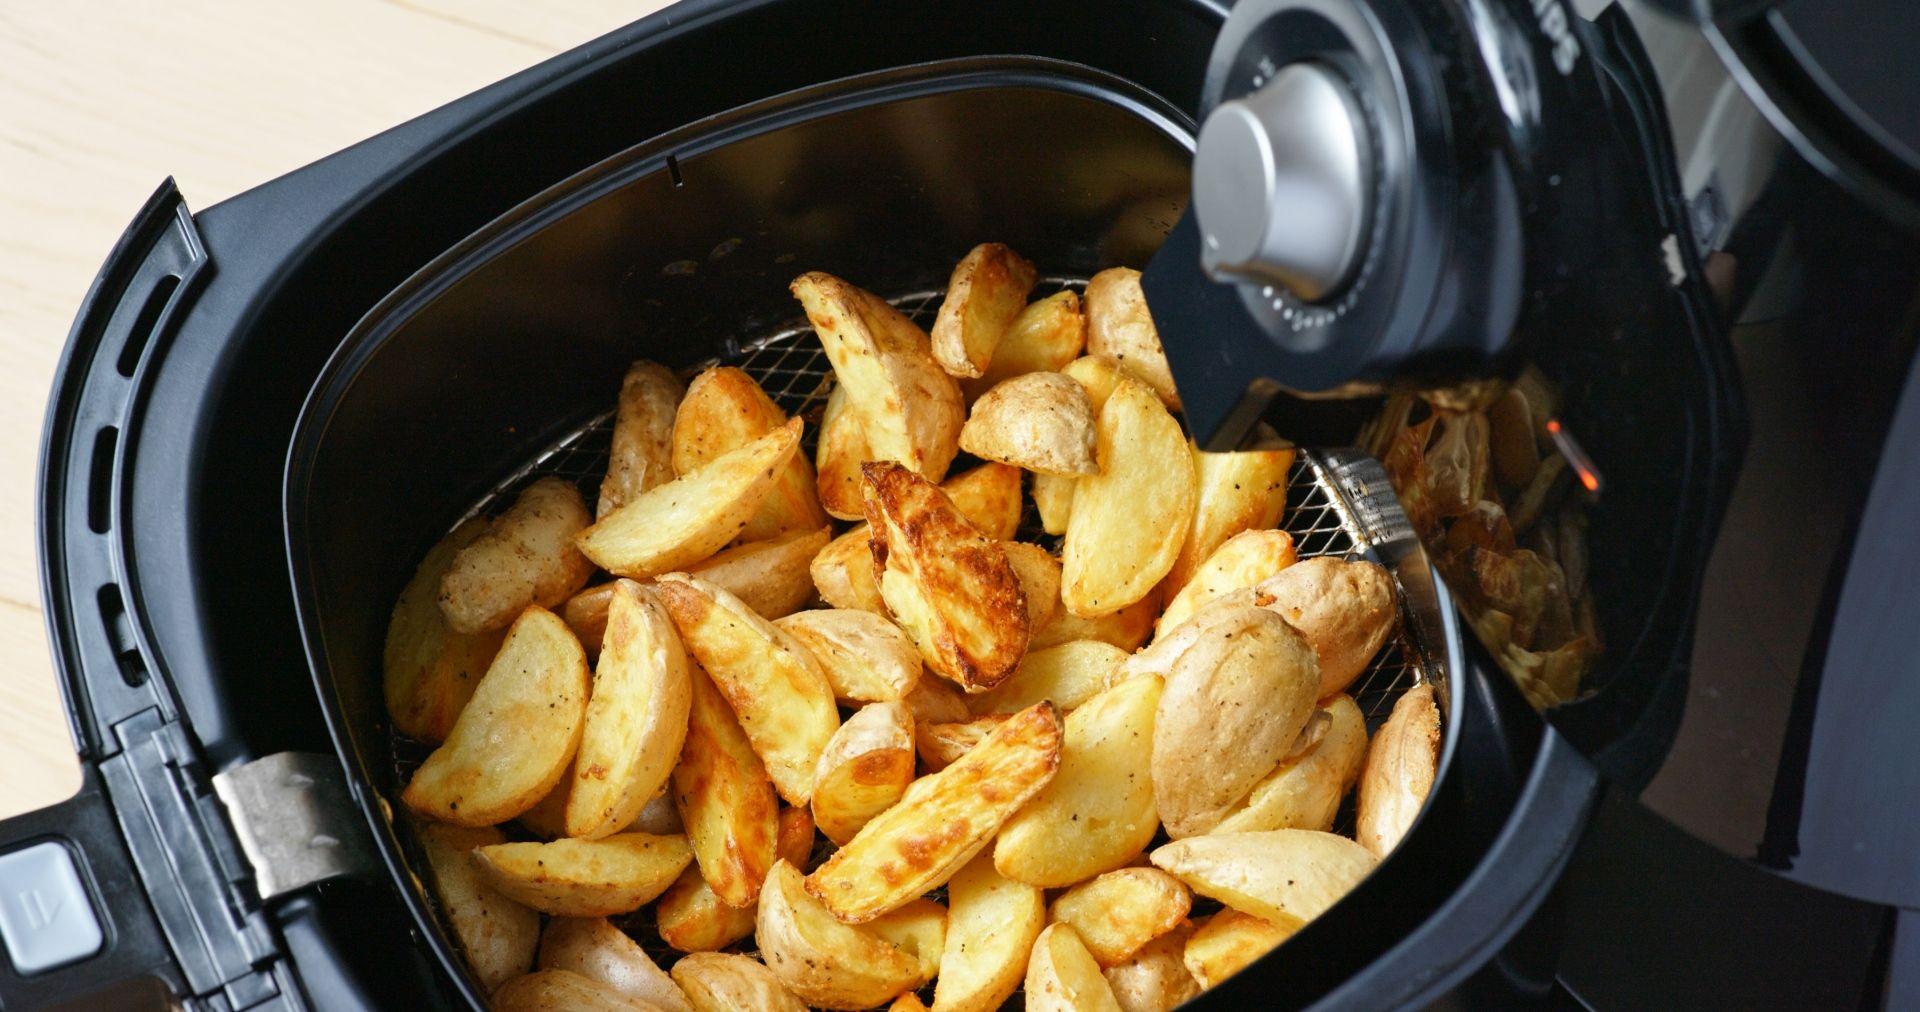 Cesto de airfryer aberto com batatas fritas cortadas em meia lua